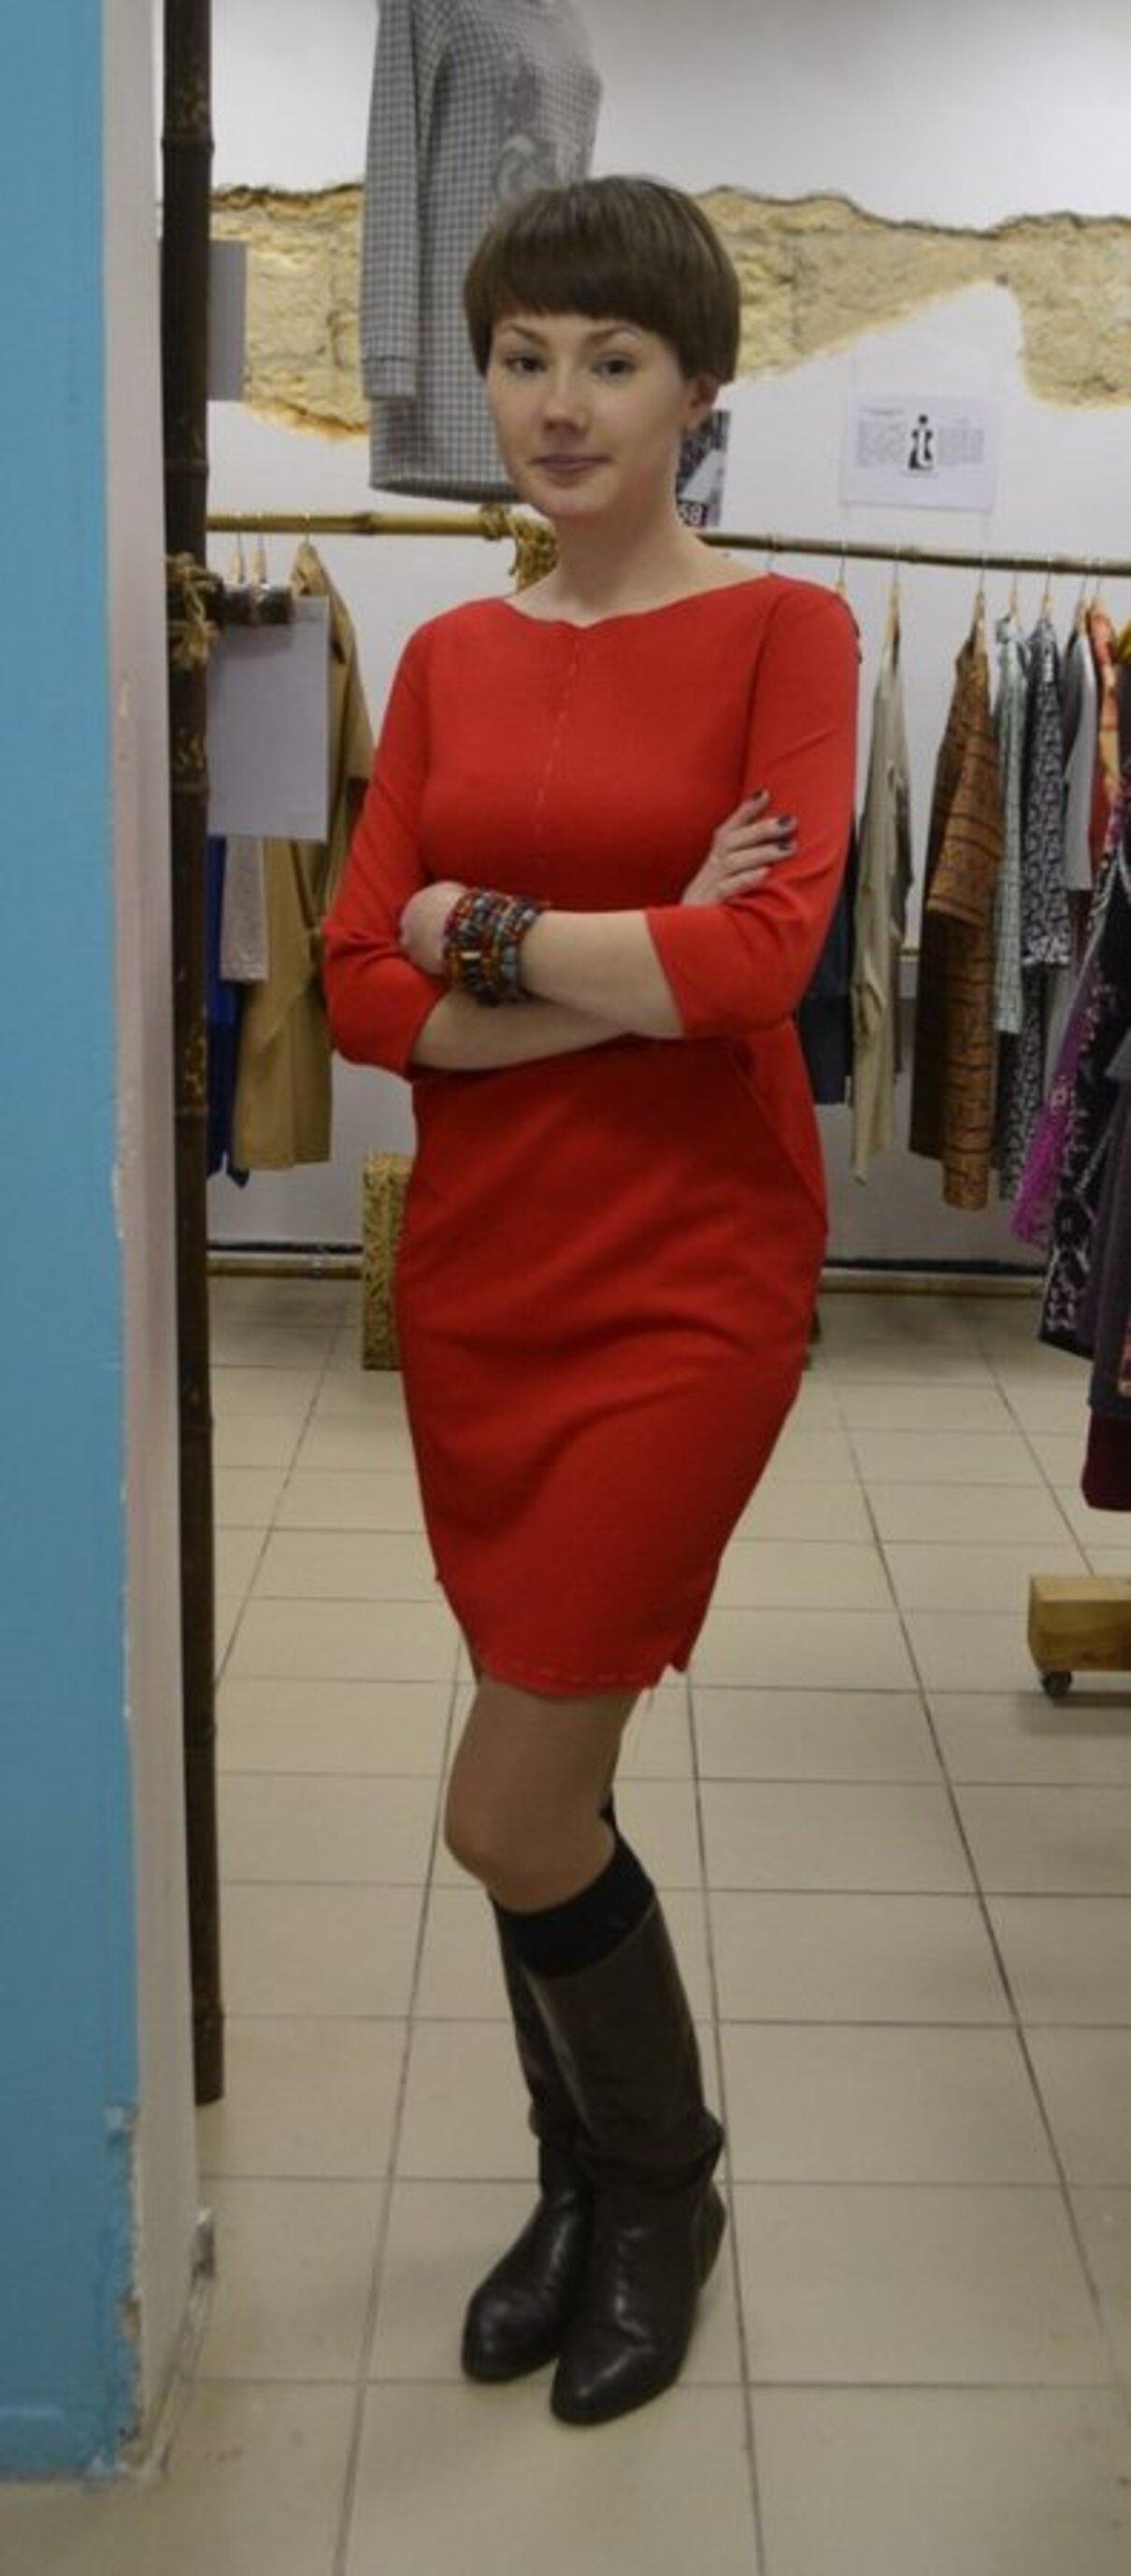 Жалоба-отзыв: Румянцева Алиса Игоревна - Нечистоплотный продавец на OLX.  Фото №5